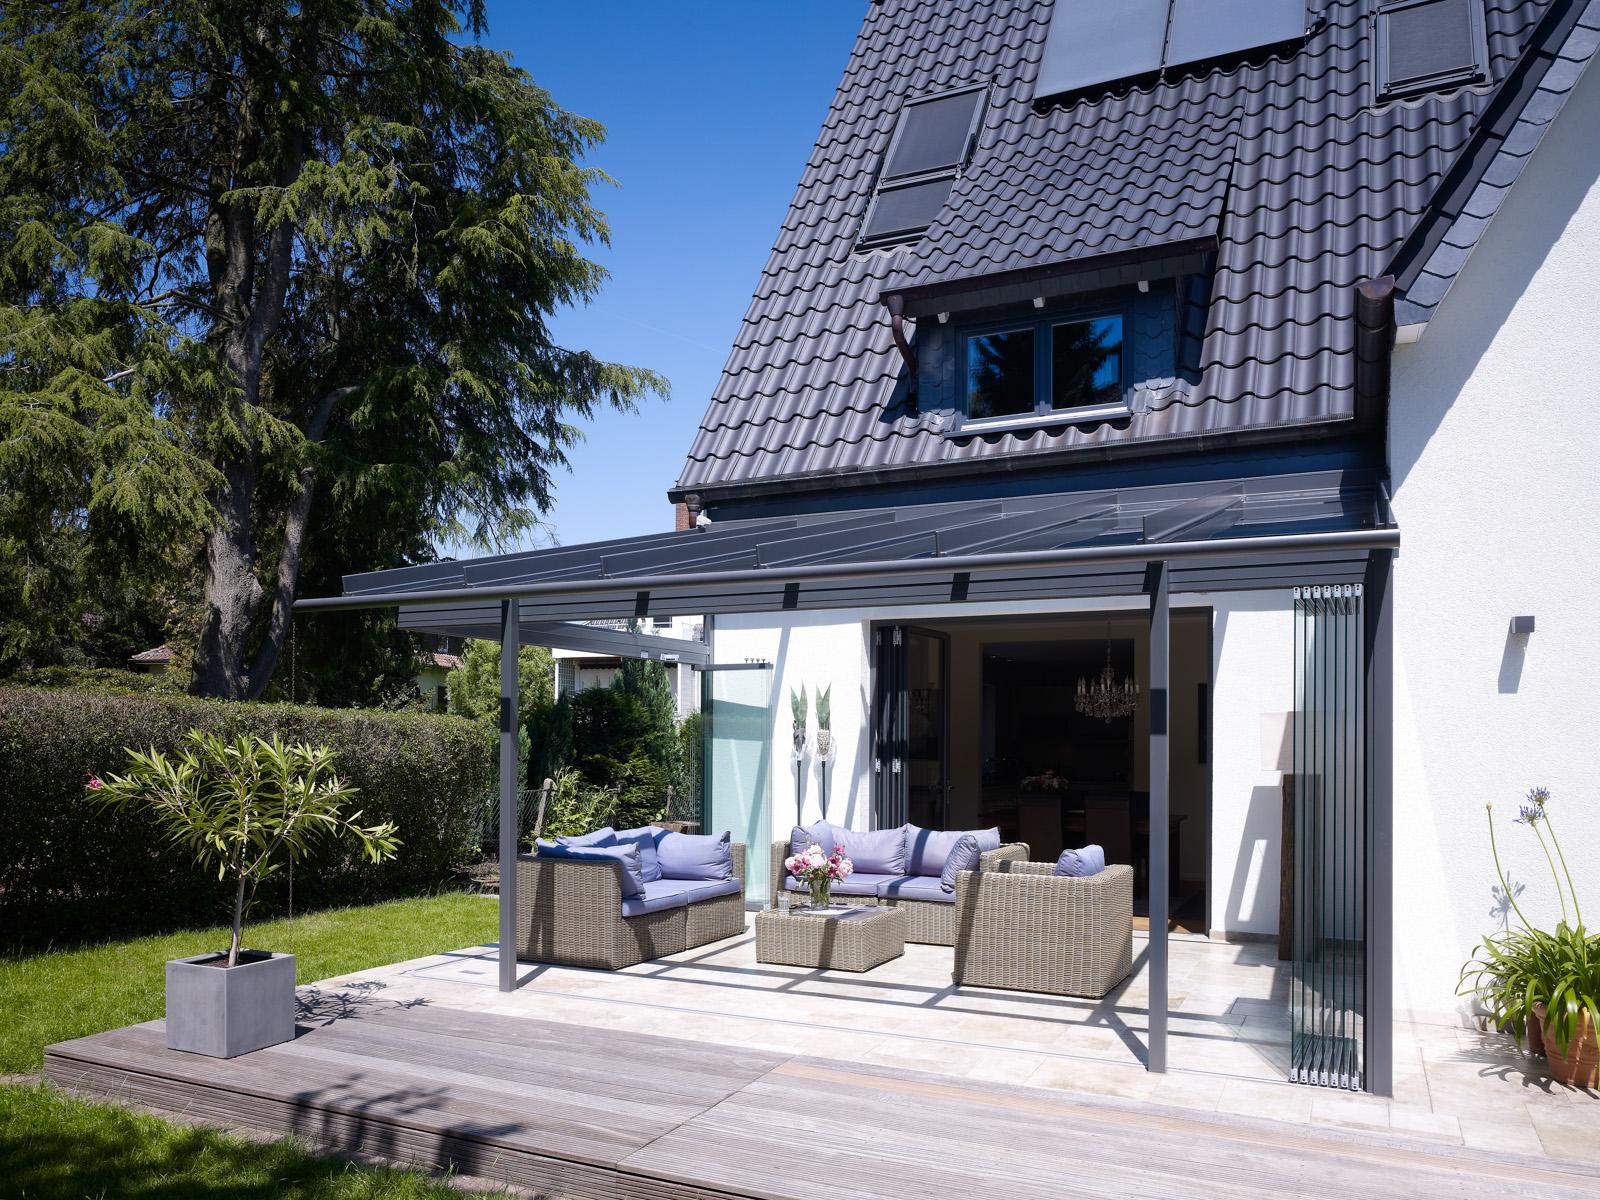 terrassen berdachung von solarlux lieblinger l beck. Black Bedroom Furniture Sets. Home Design Ideas